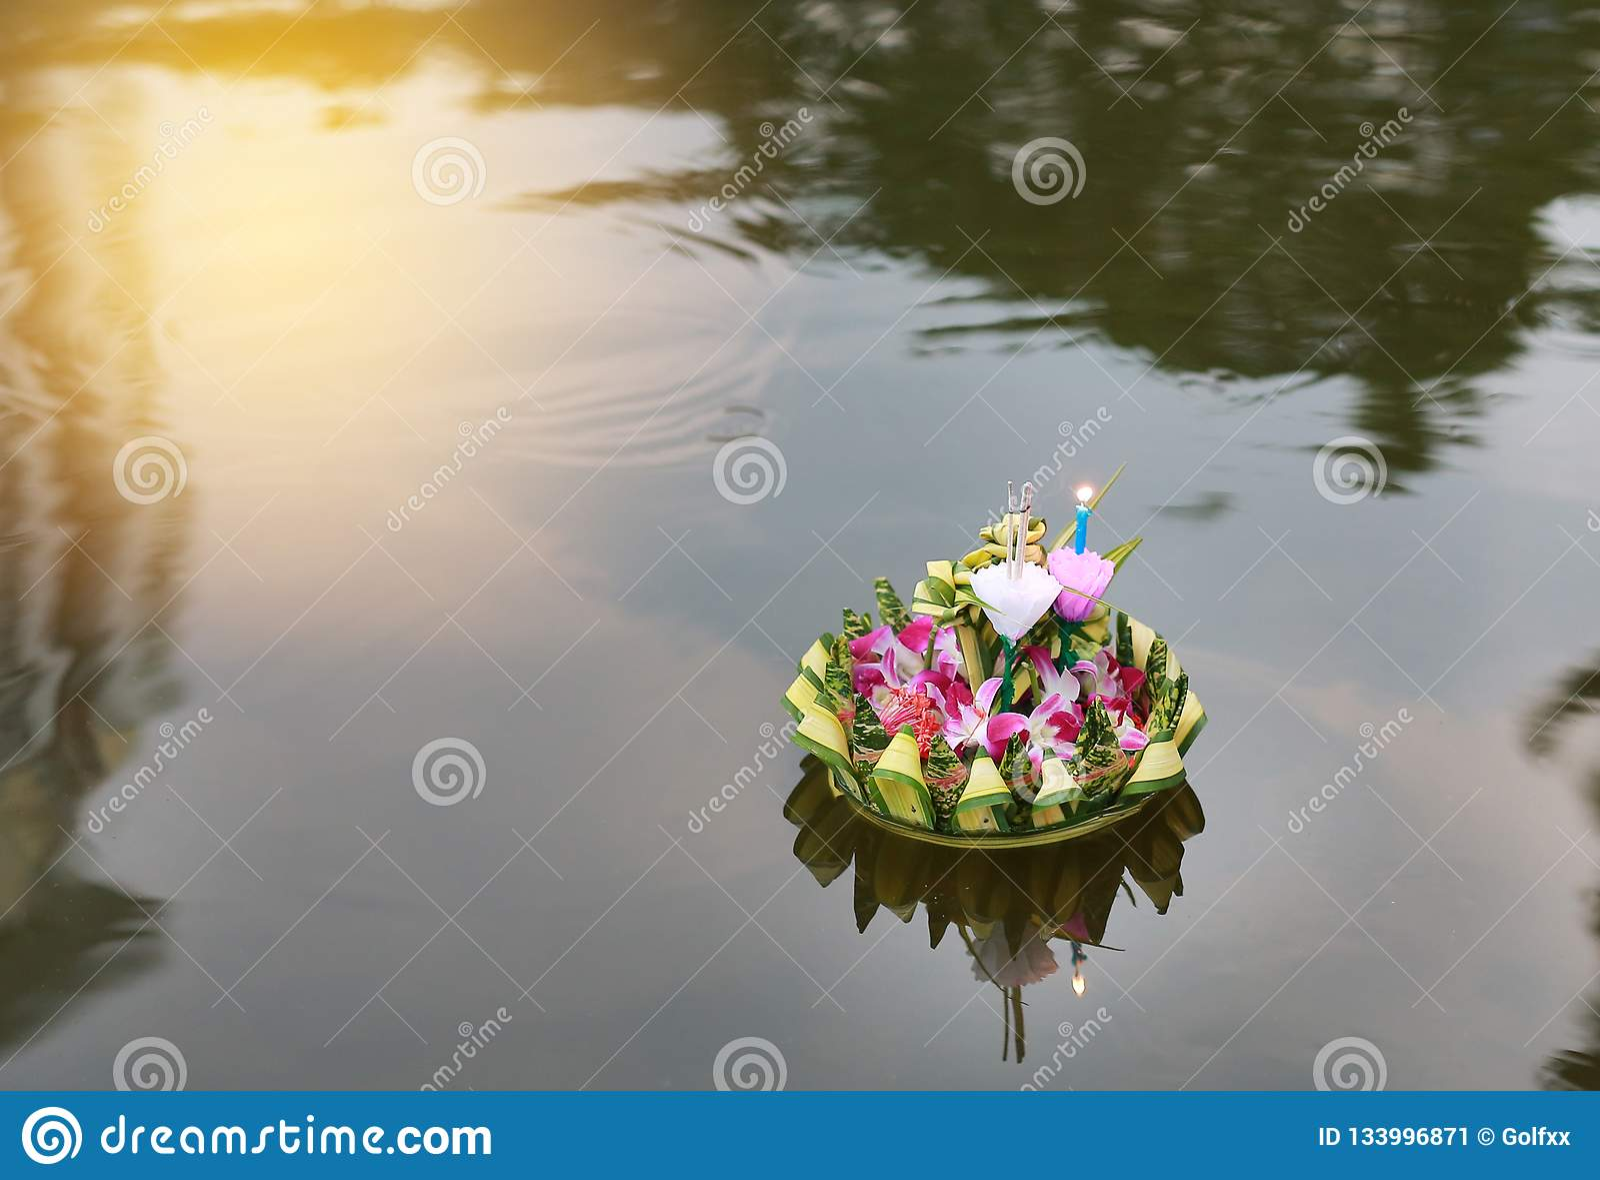 Loy Krathong festival, Krathong floating in pond for forgiveness Goddess Ganges to celebrate festival in Thailand